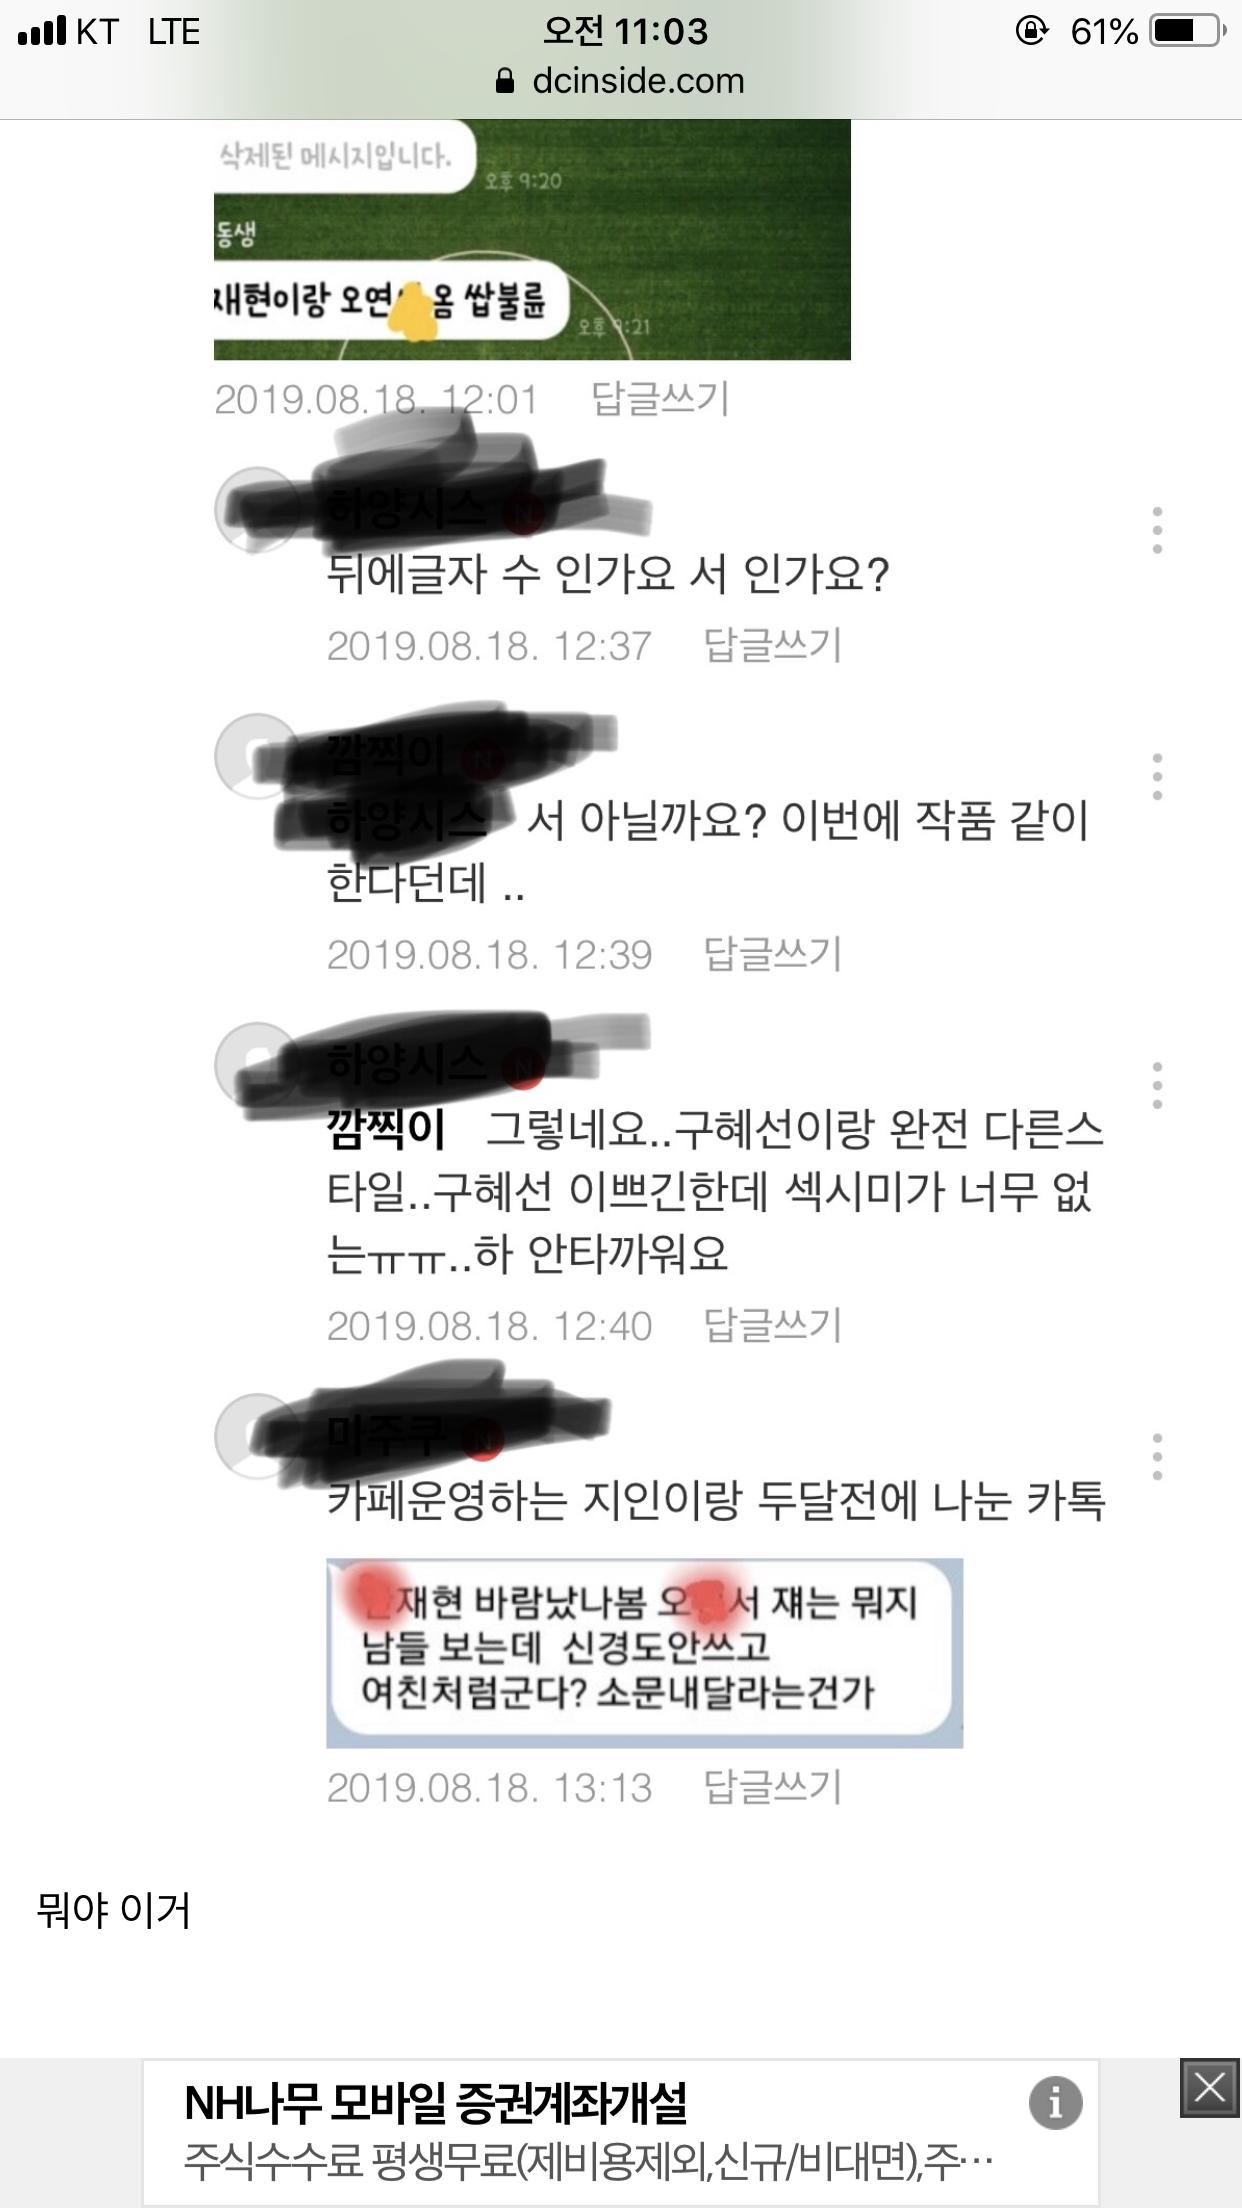 안재현 찌라시에 의하면...